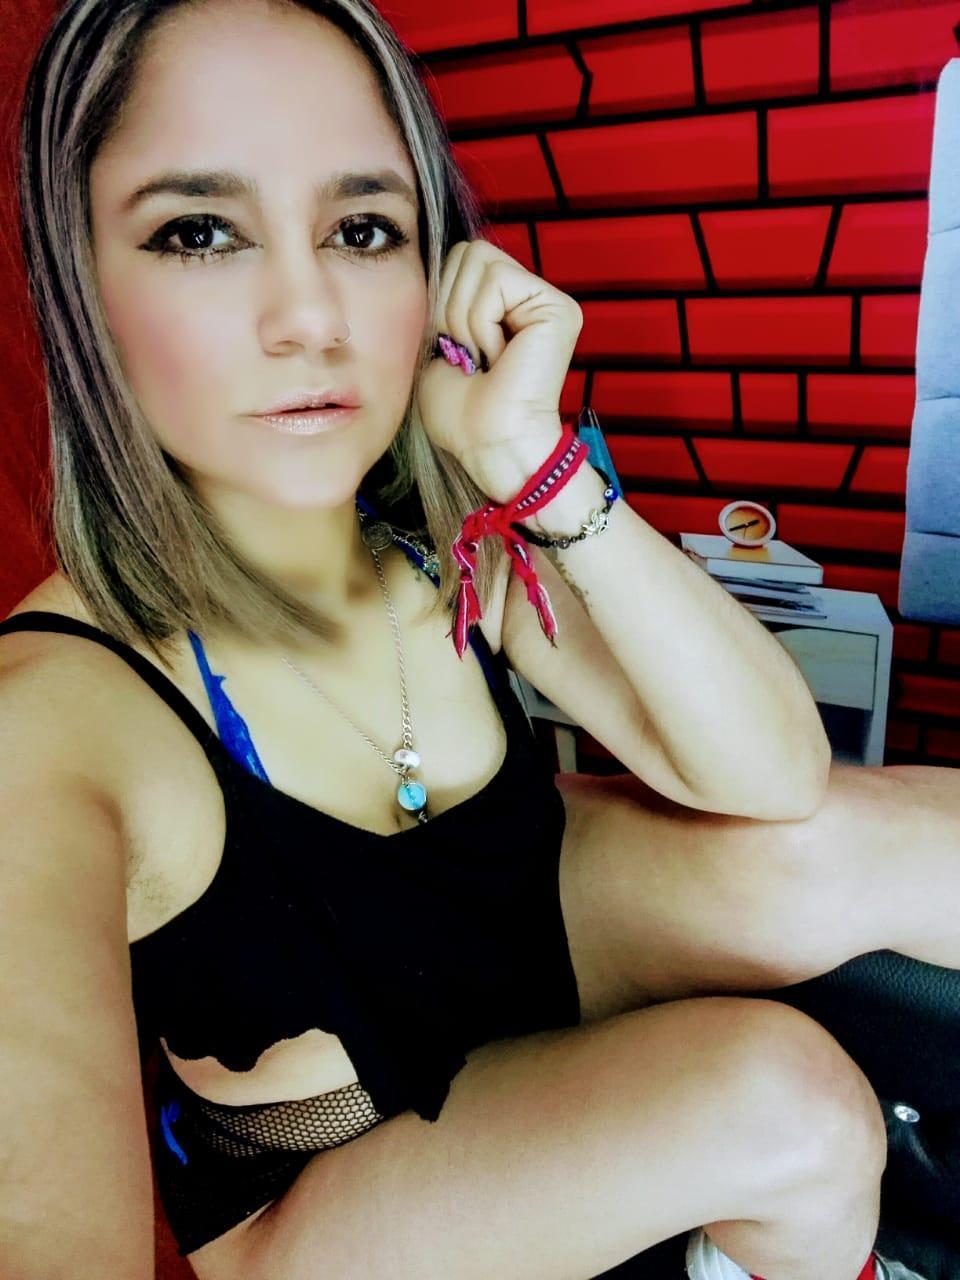 Camila rivero?s=4yn7xh0vvn0znkctfaoismajvriiqivt4oxvzmez03q=